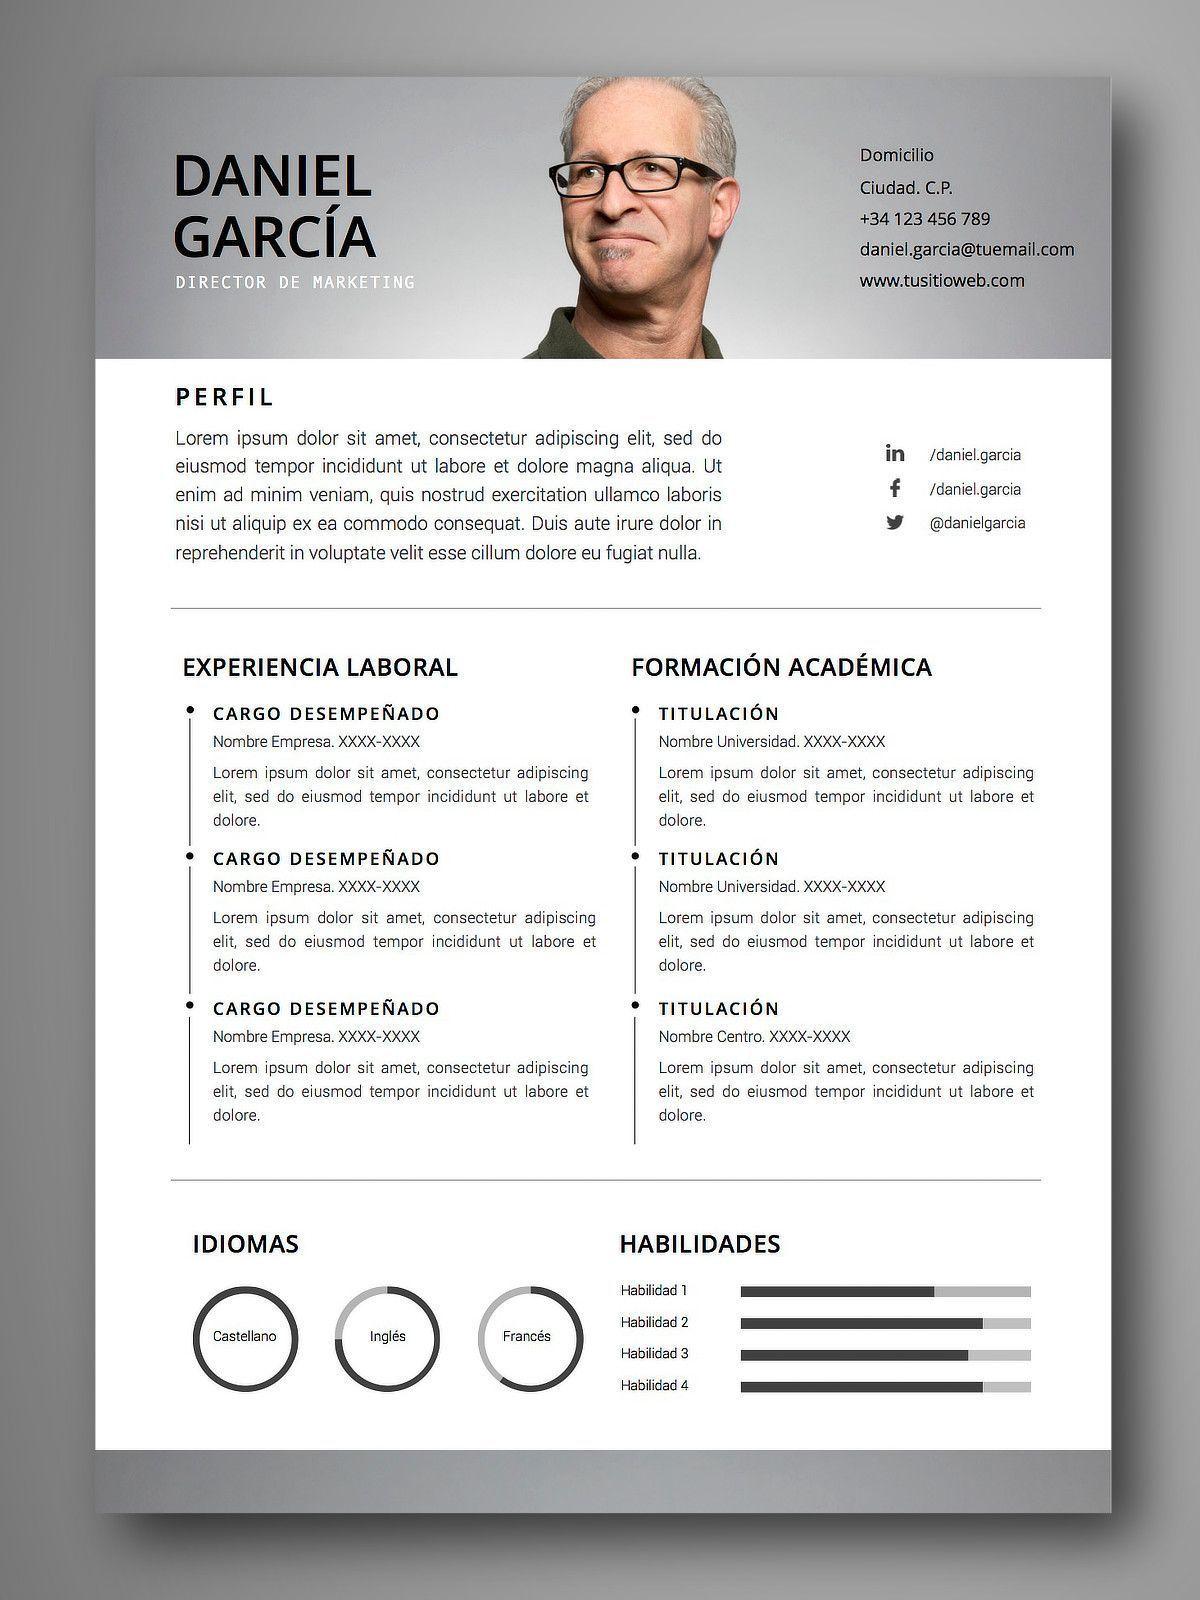 Descarga Plantillas Editables De Curriculum Vitae Cv Visuales Y Profesionales Facil Edicion En Word Y Pages Servicios Optimizacion De Cv Cv Web Desain